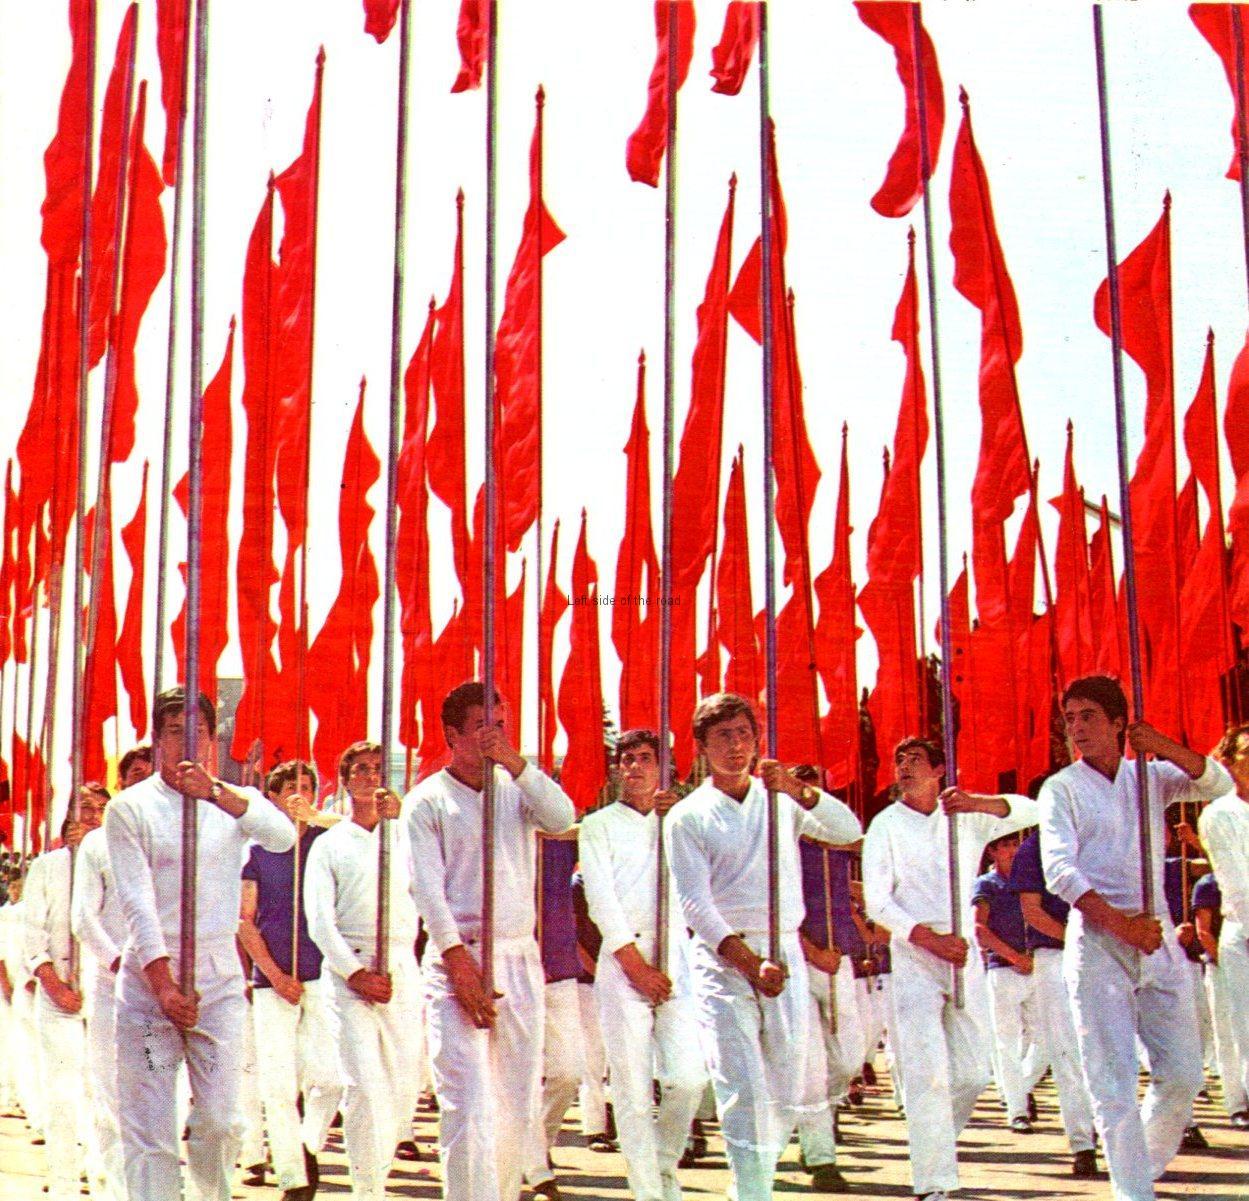 Parade through Tirana